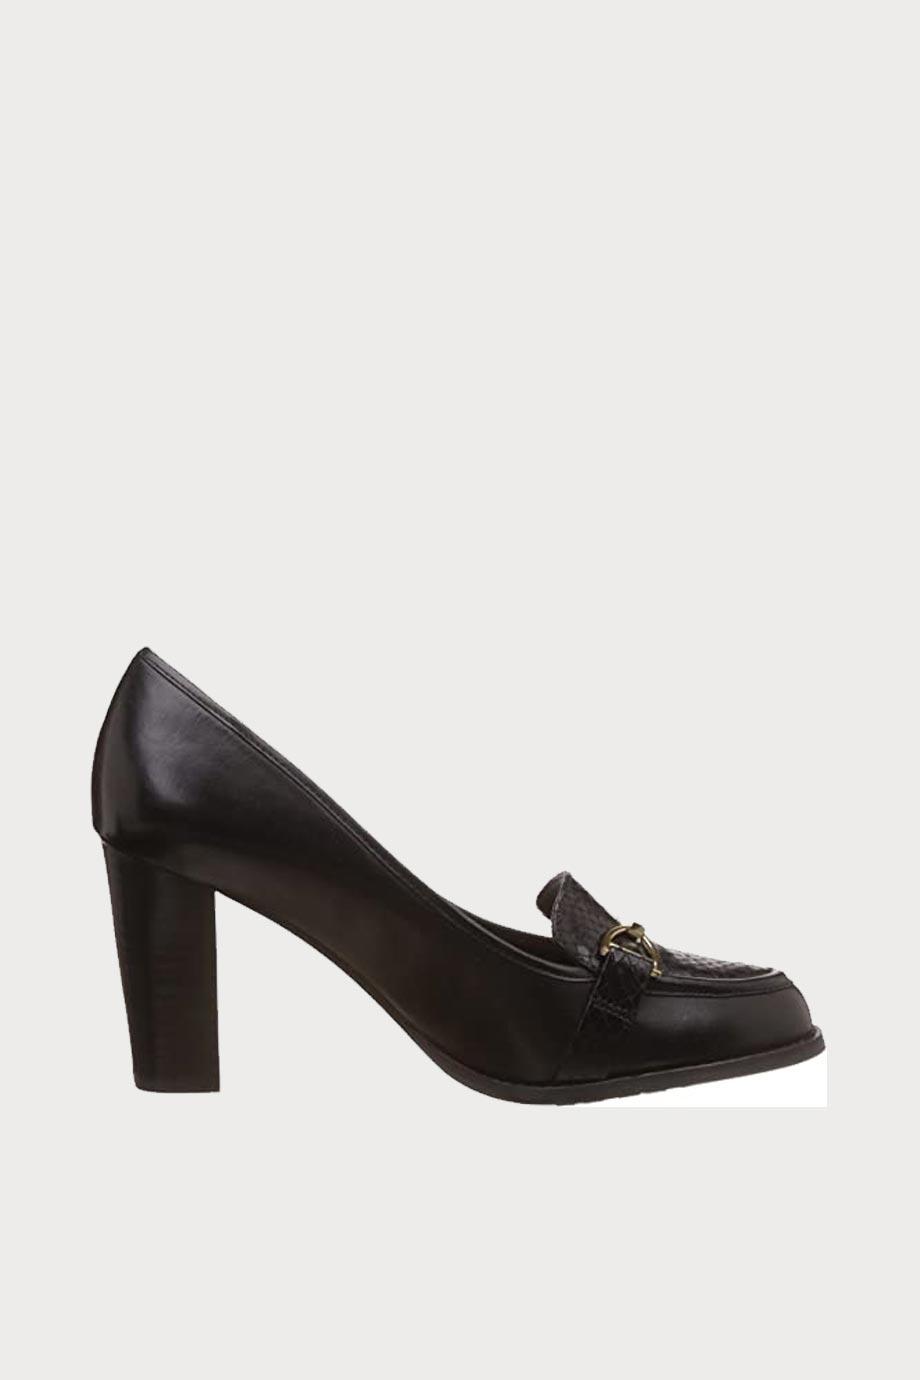 spiridoula metheniti shoes xalkida p Alfresco Cafe Black Leather Clarks2